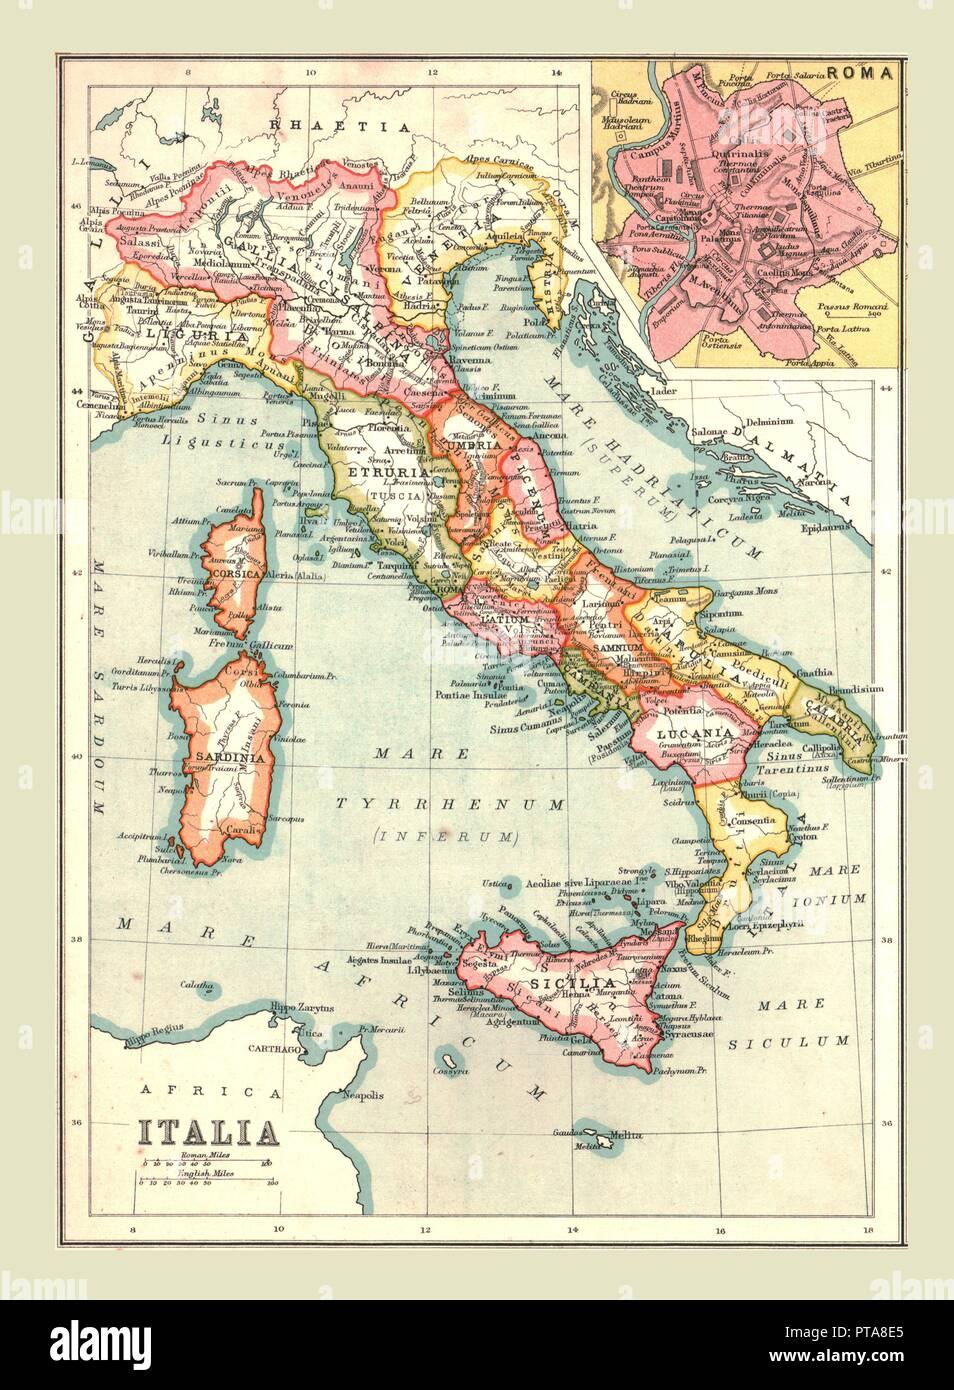 La carte de 'Italia', (1902). Montrant la péninsule italienne durant la période romaine, avec les noms de lieu en Amérique, et l'encart de Rome. Du siècle atlas du monde. [John Walker &AMP; Co, Ltd., Londres, 1902] Photo Stock